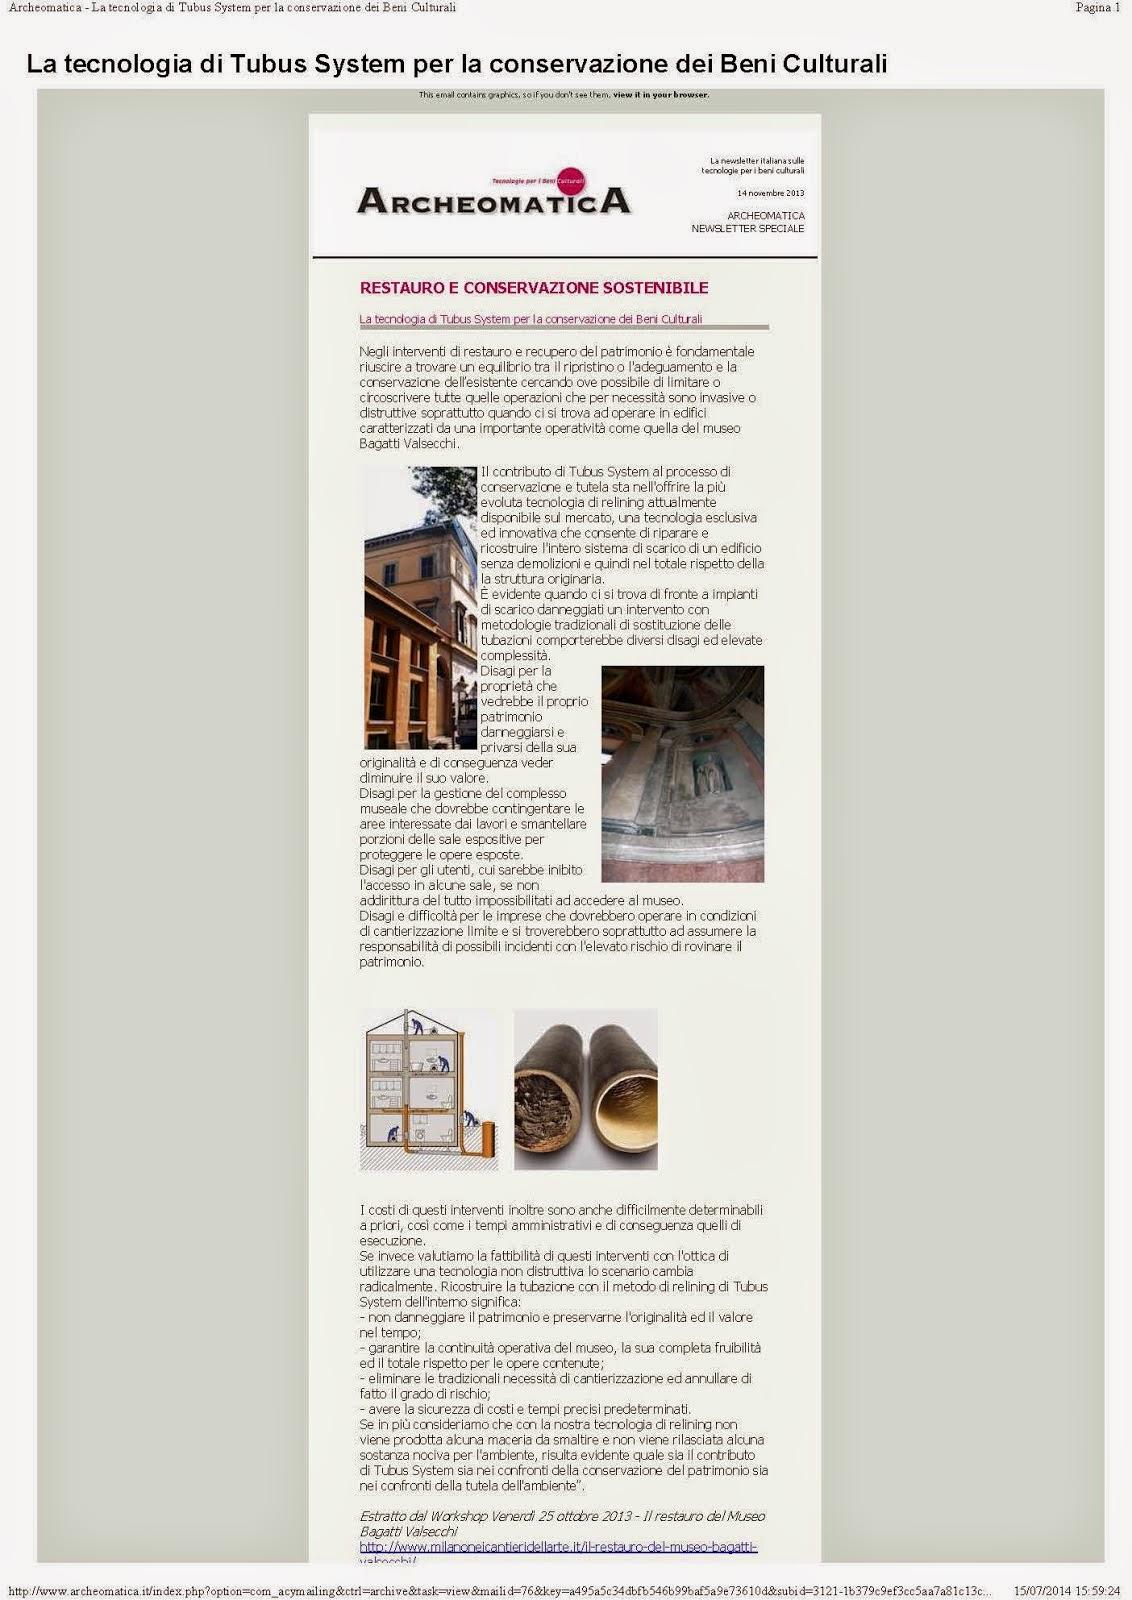 Archeomatica - Tubus System per la conservazione dei Beni Culturali